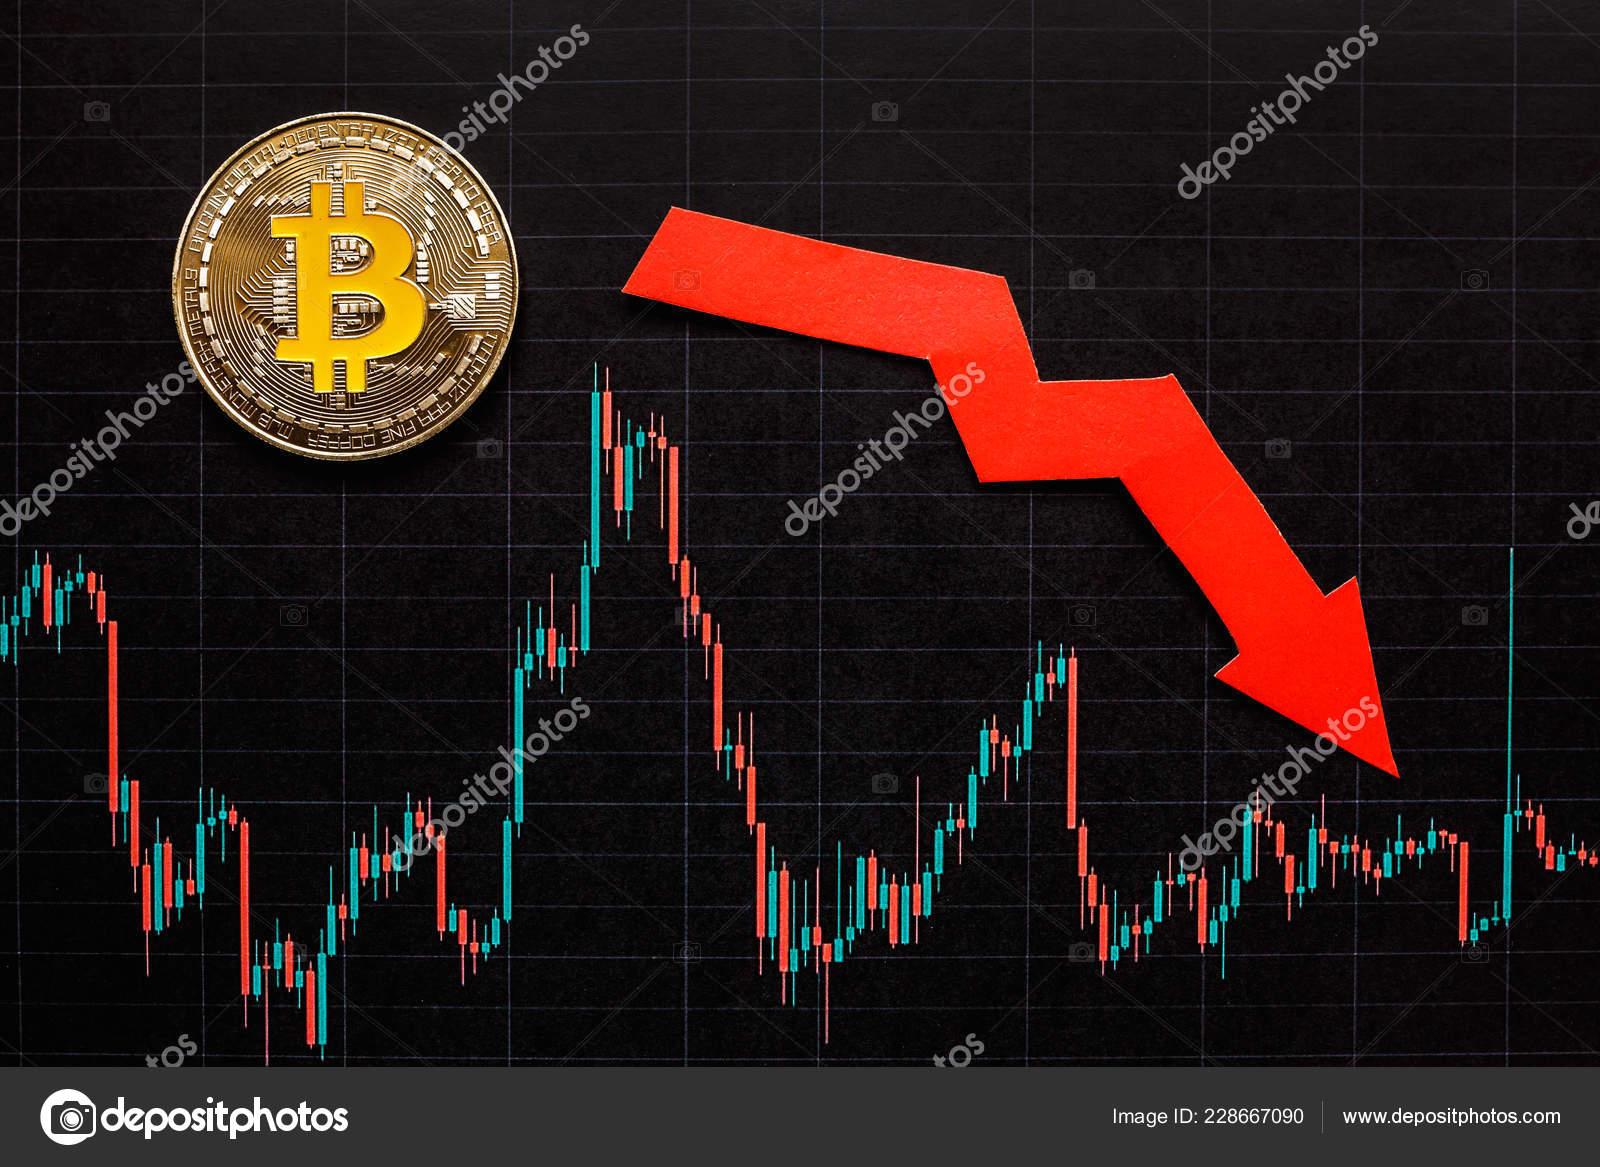 Depreciation Virtual Money Bitcoin Red Arrow Silver Bitcoin